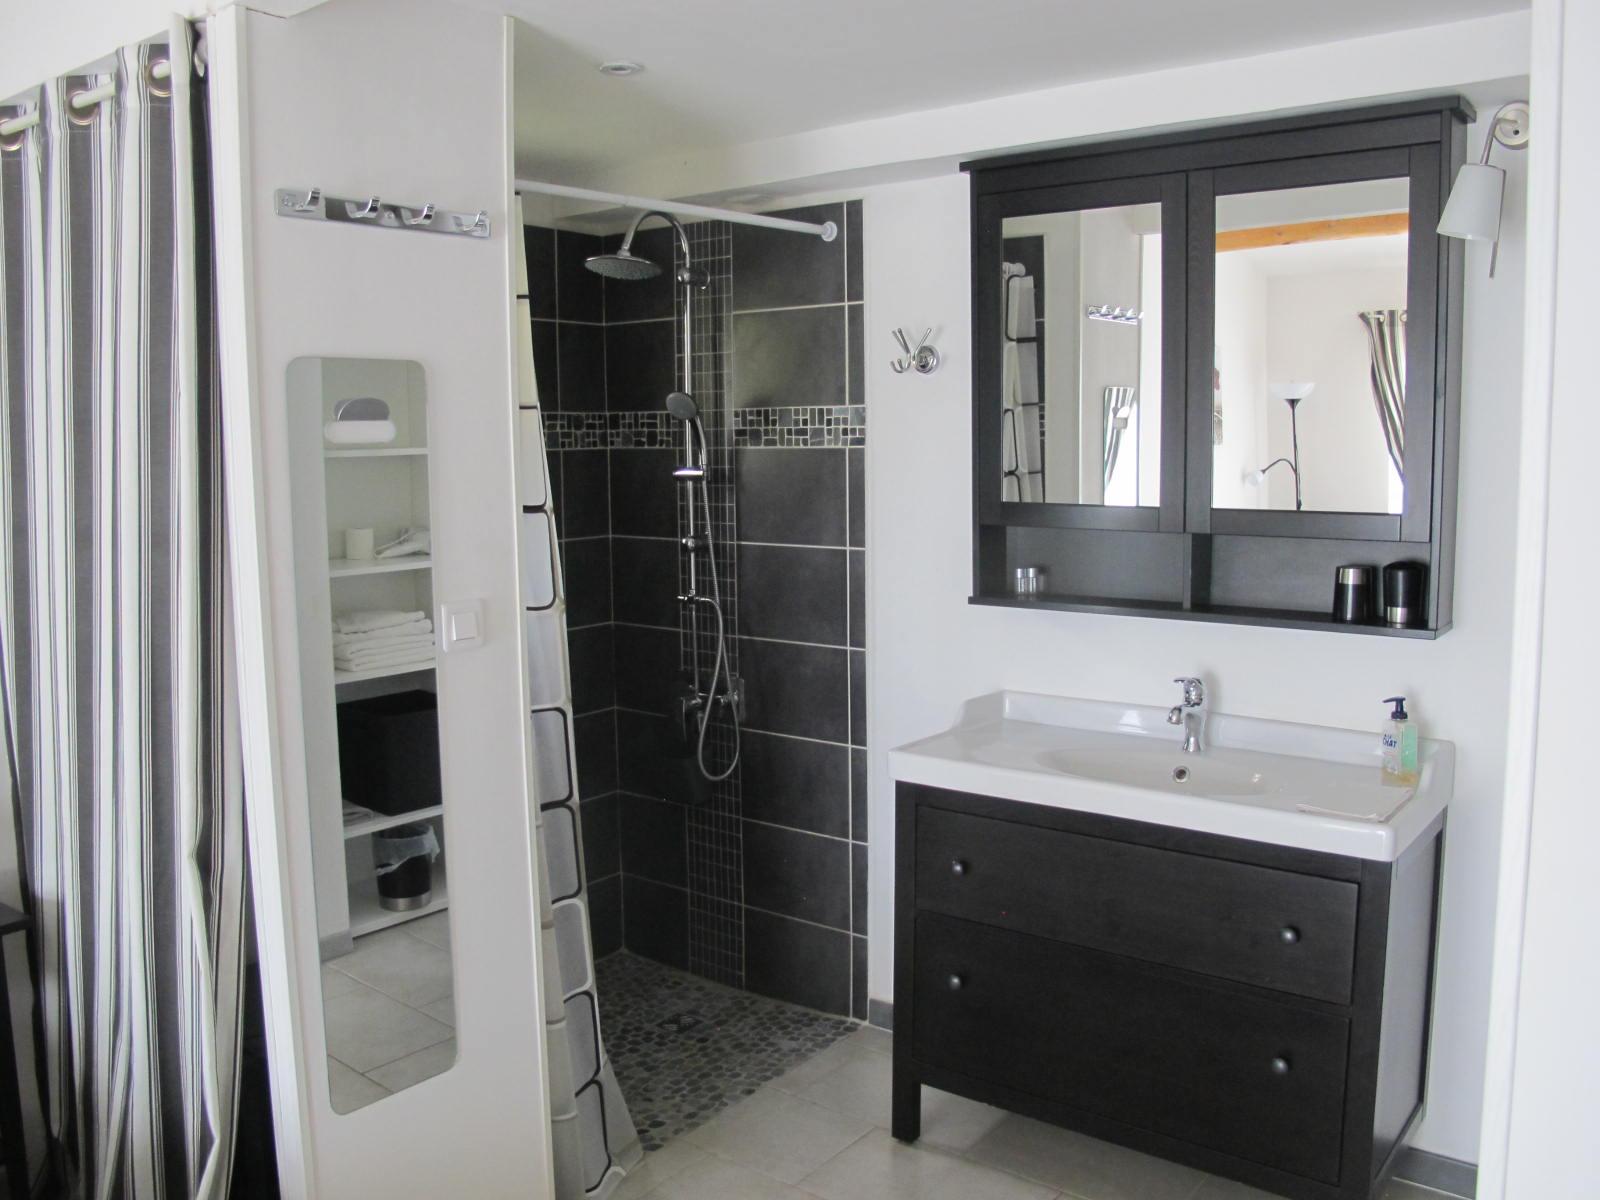 loucardaline-bedoin-ventoux-chambre d hotes-vaucluse-double confort-douche a l italienne